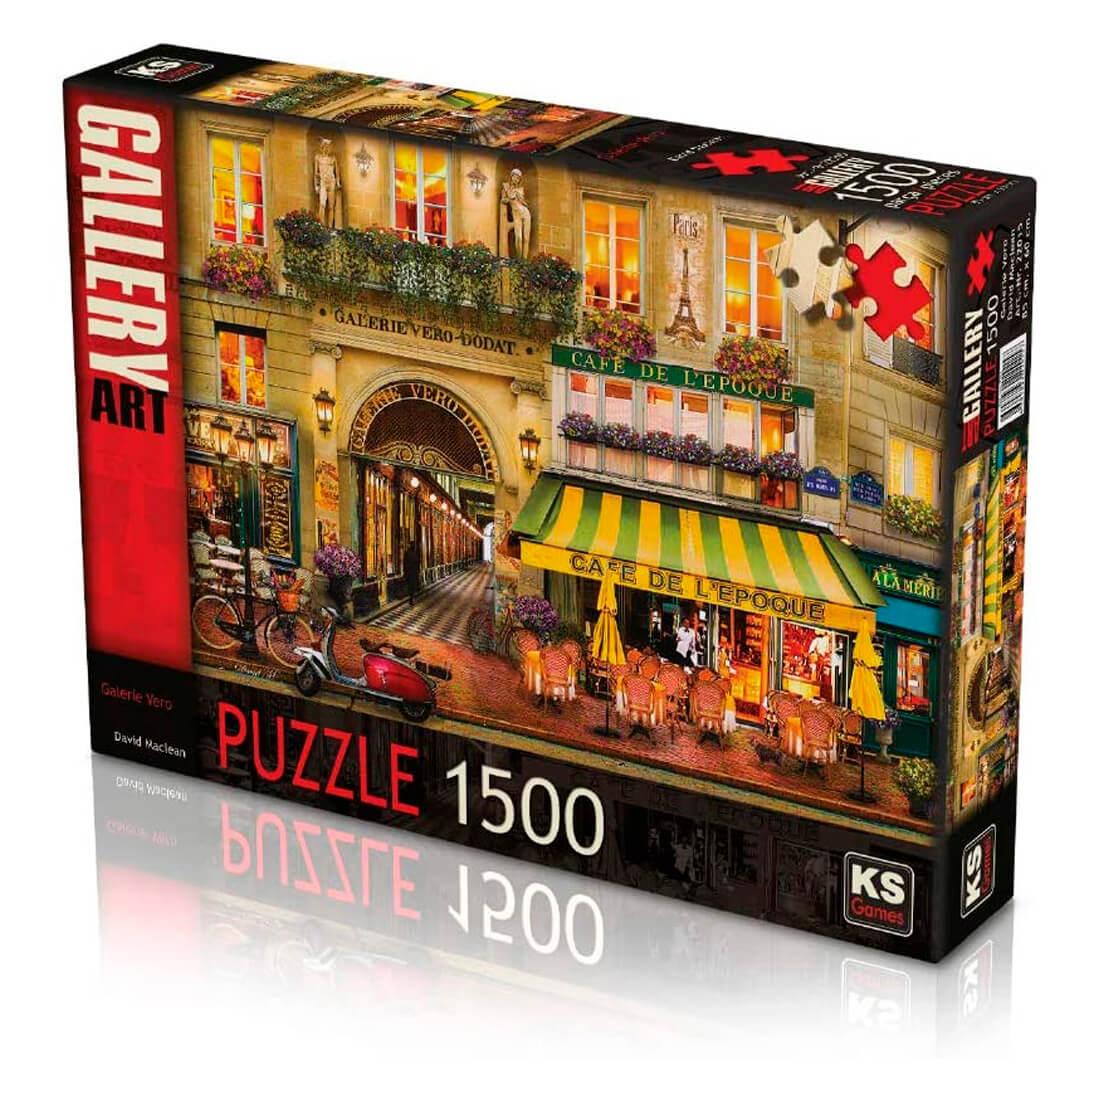 KS- puzzle 1500 pcs Galerie Vero